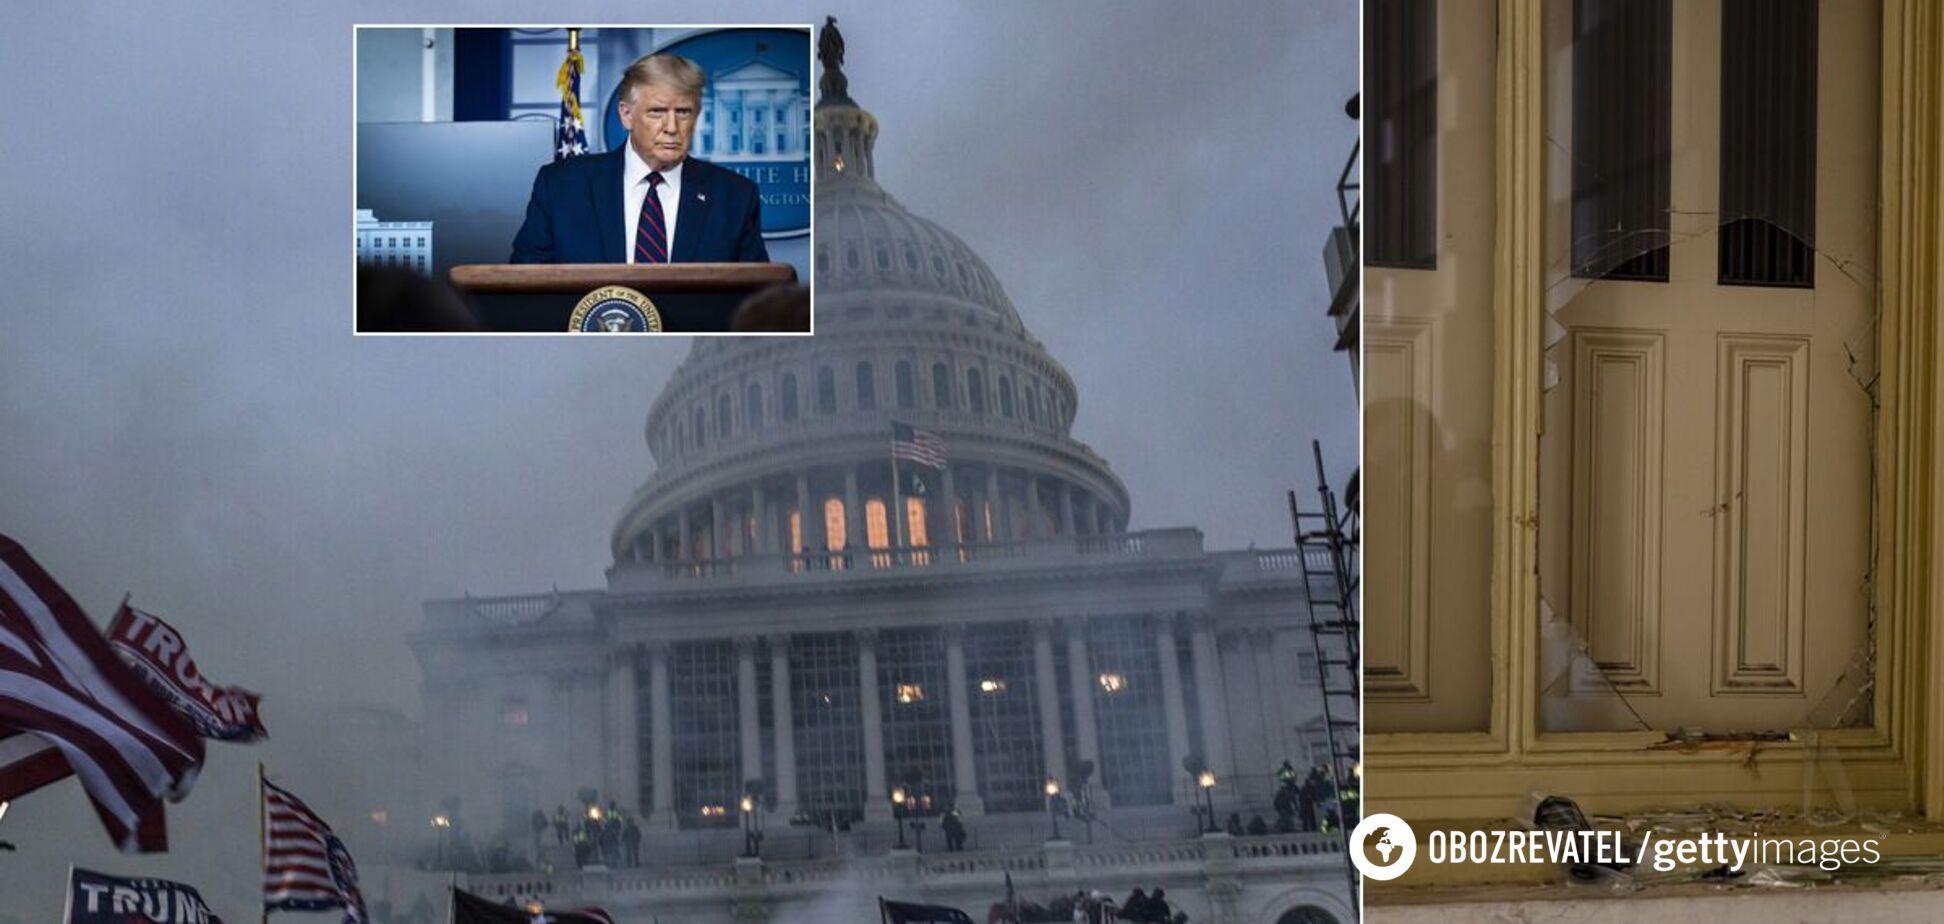 Появилась реакция мировых лидеров на беспорядки в Вашингтоне